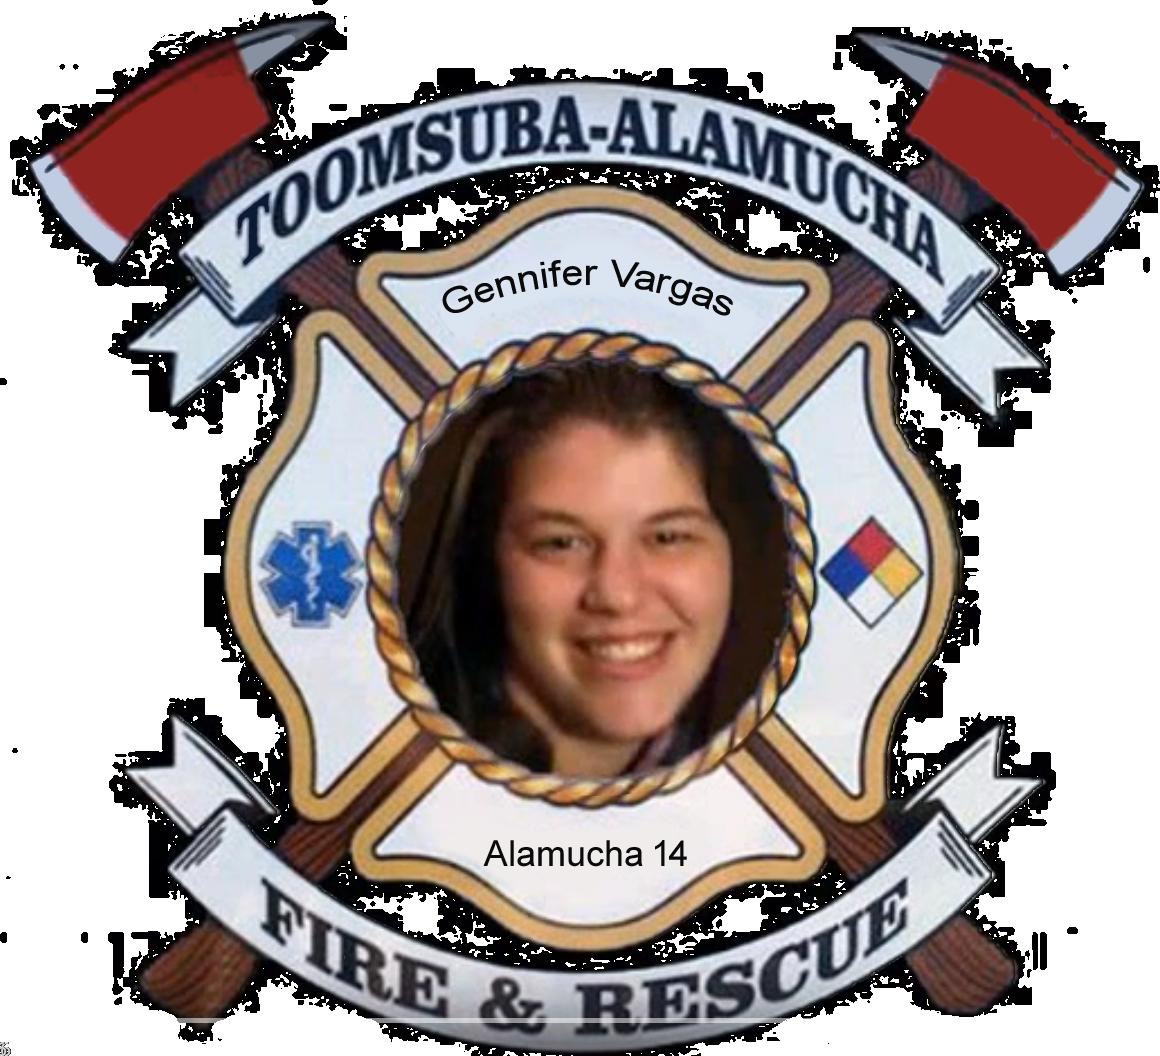 Gennifer Vargas; Alamucha Firefighter